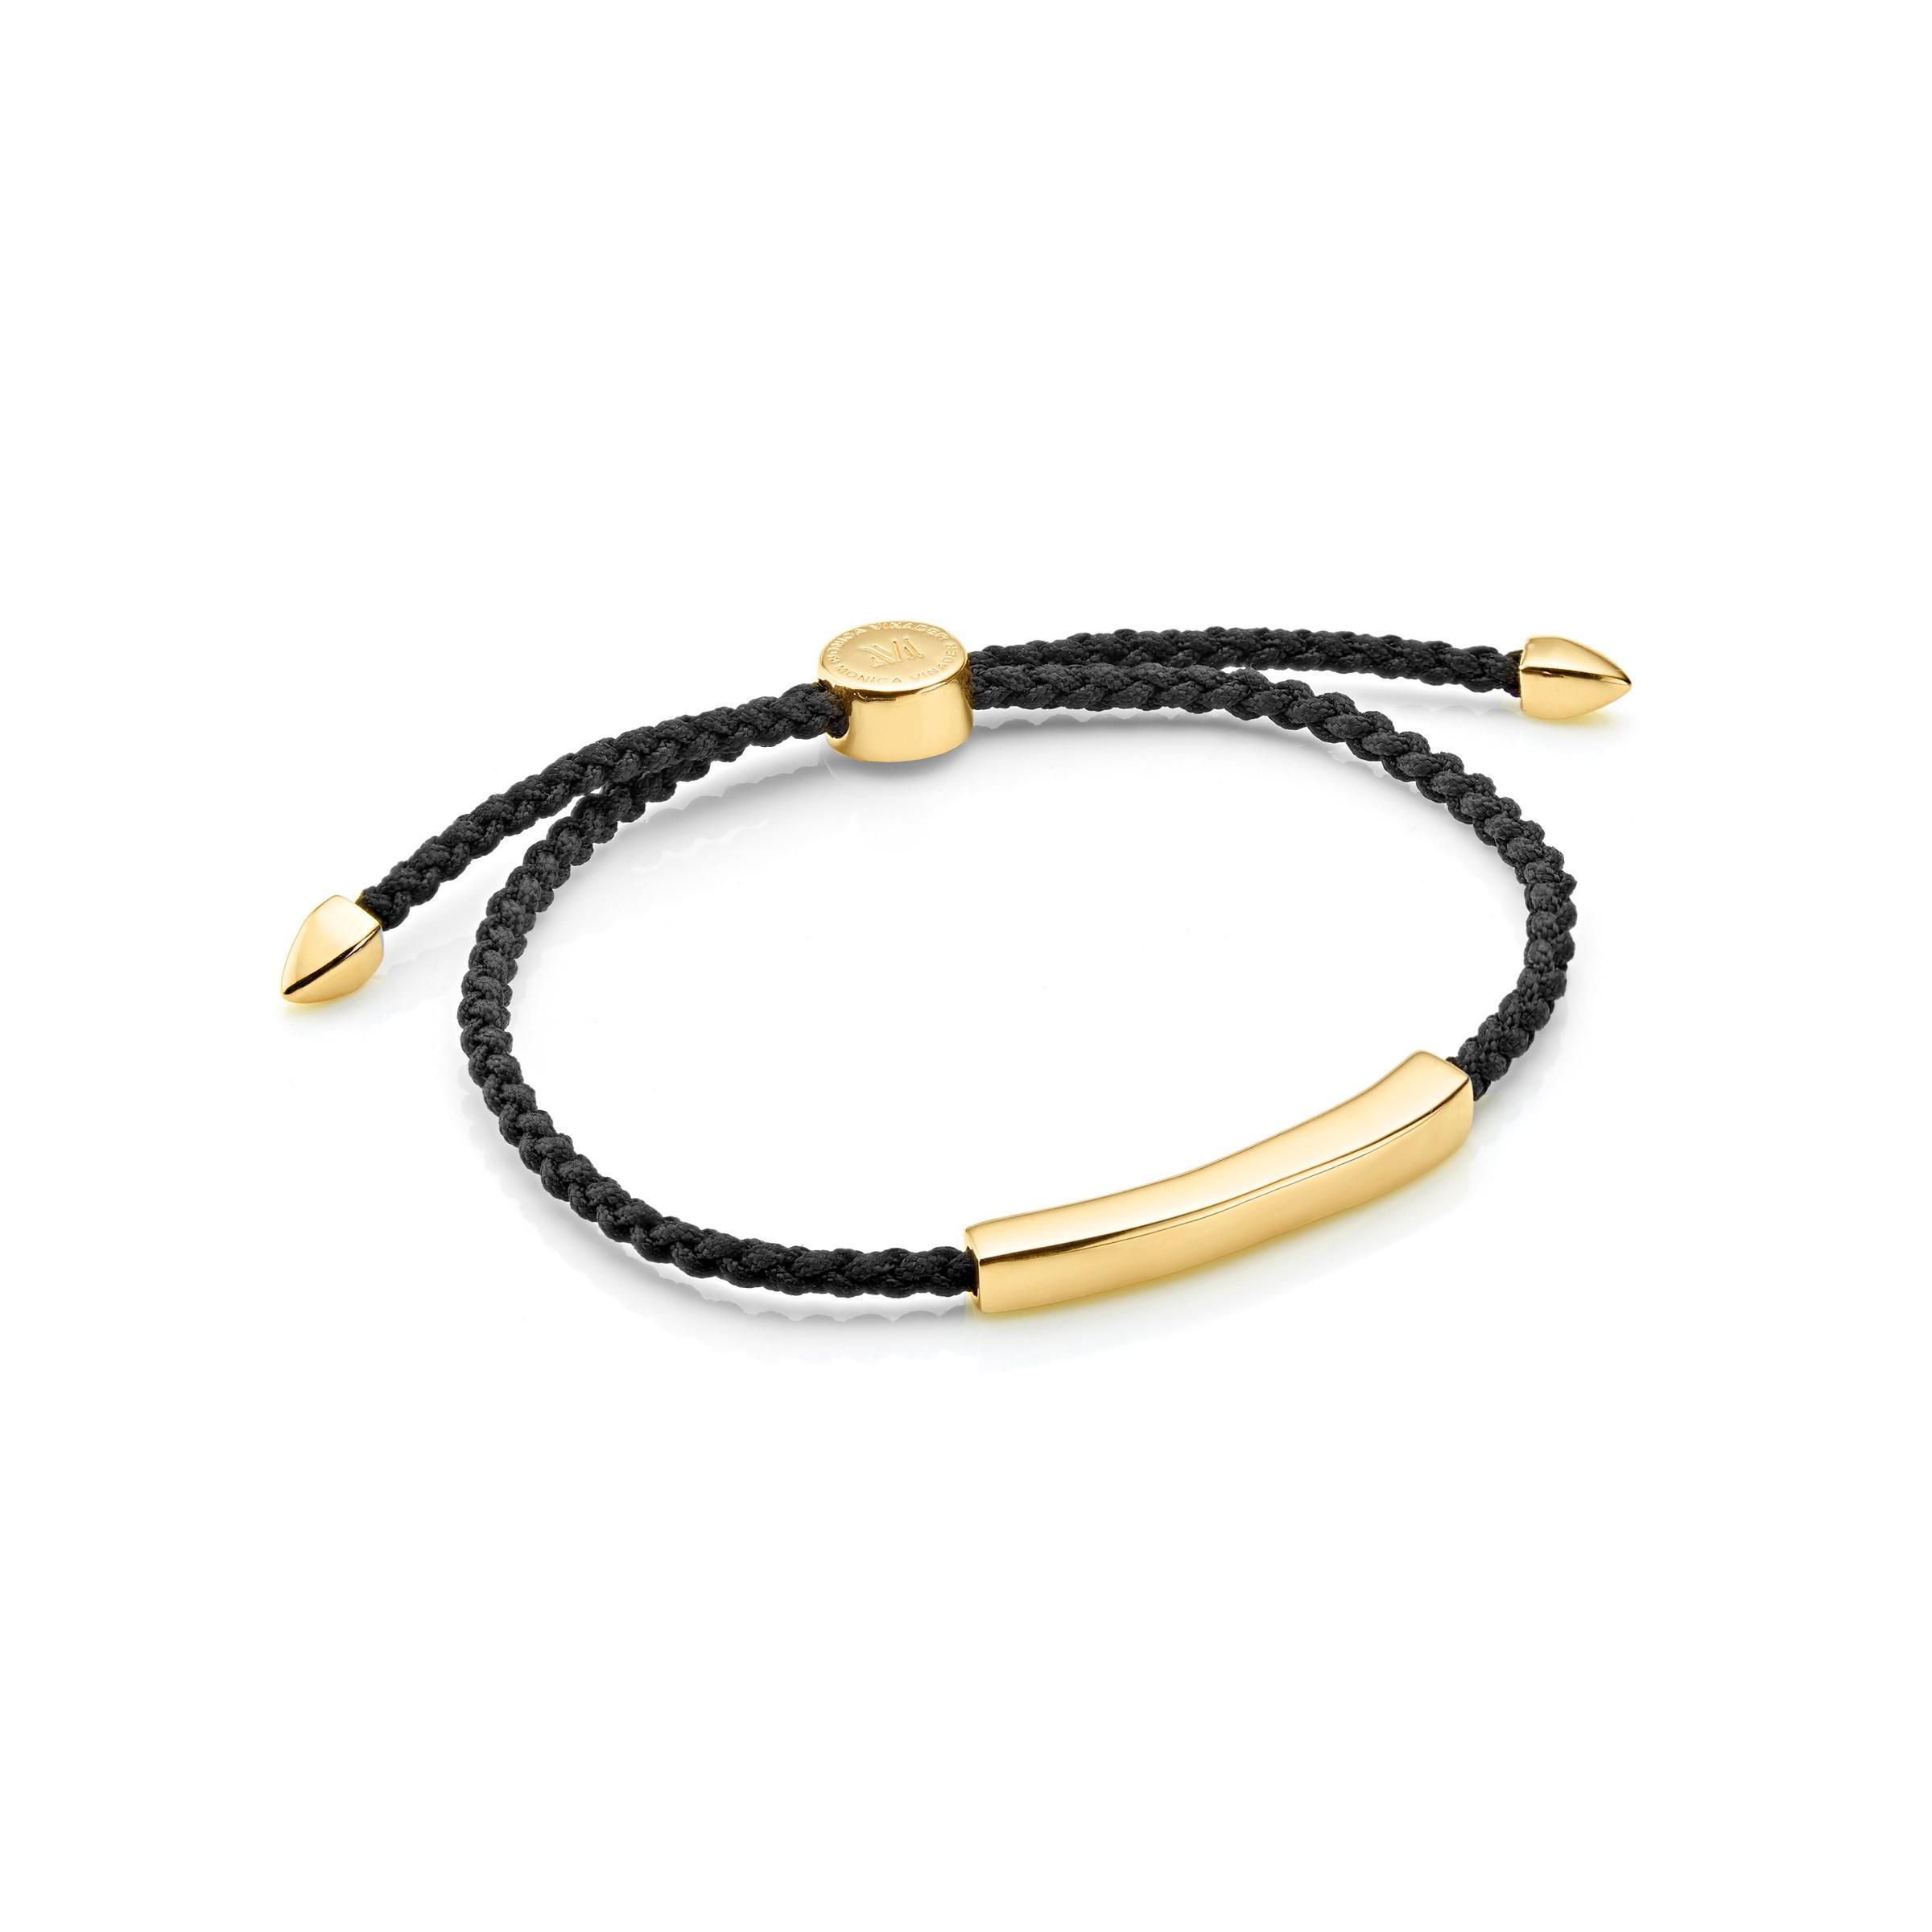 Monica Vinader Linear Men S Friendship Bracelet In